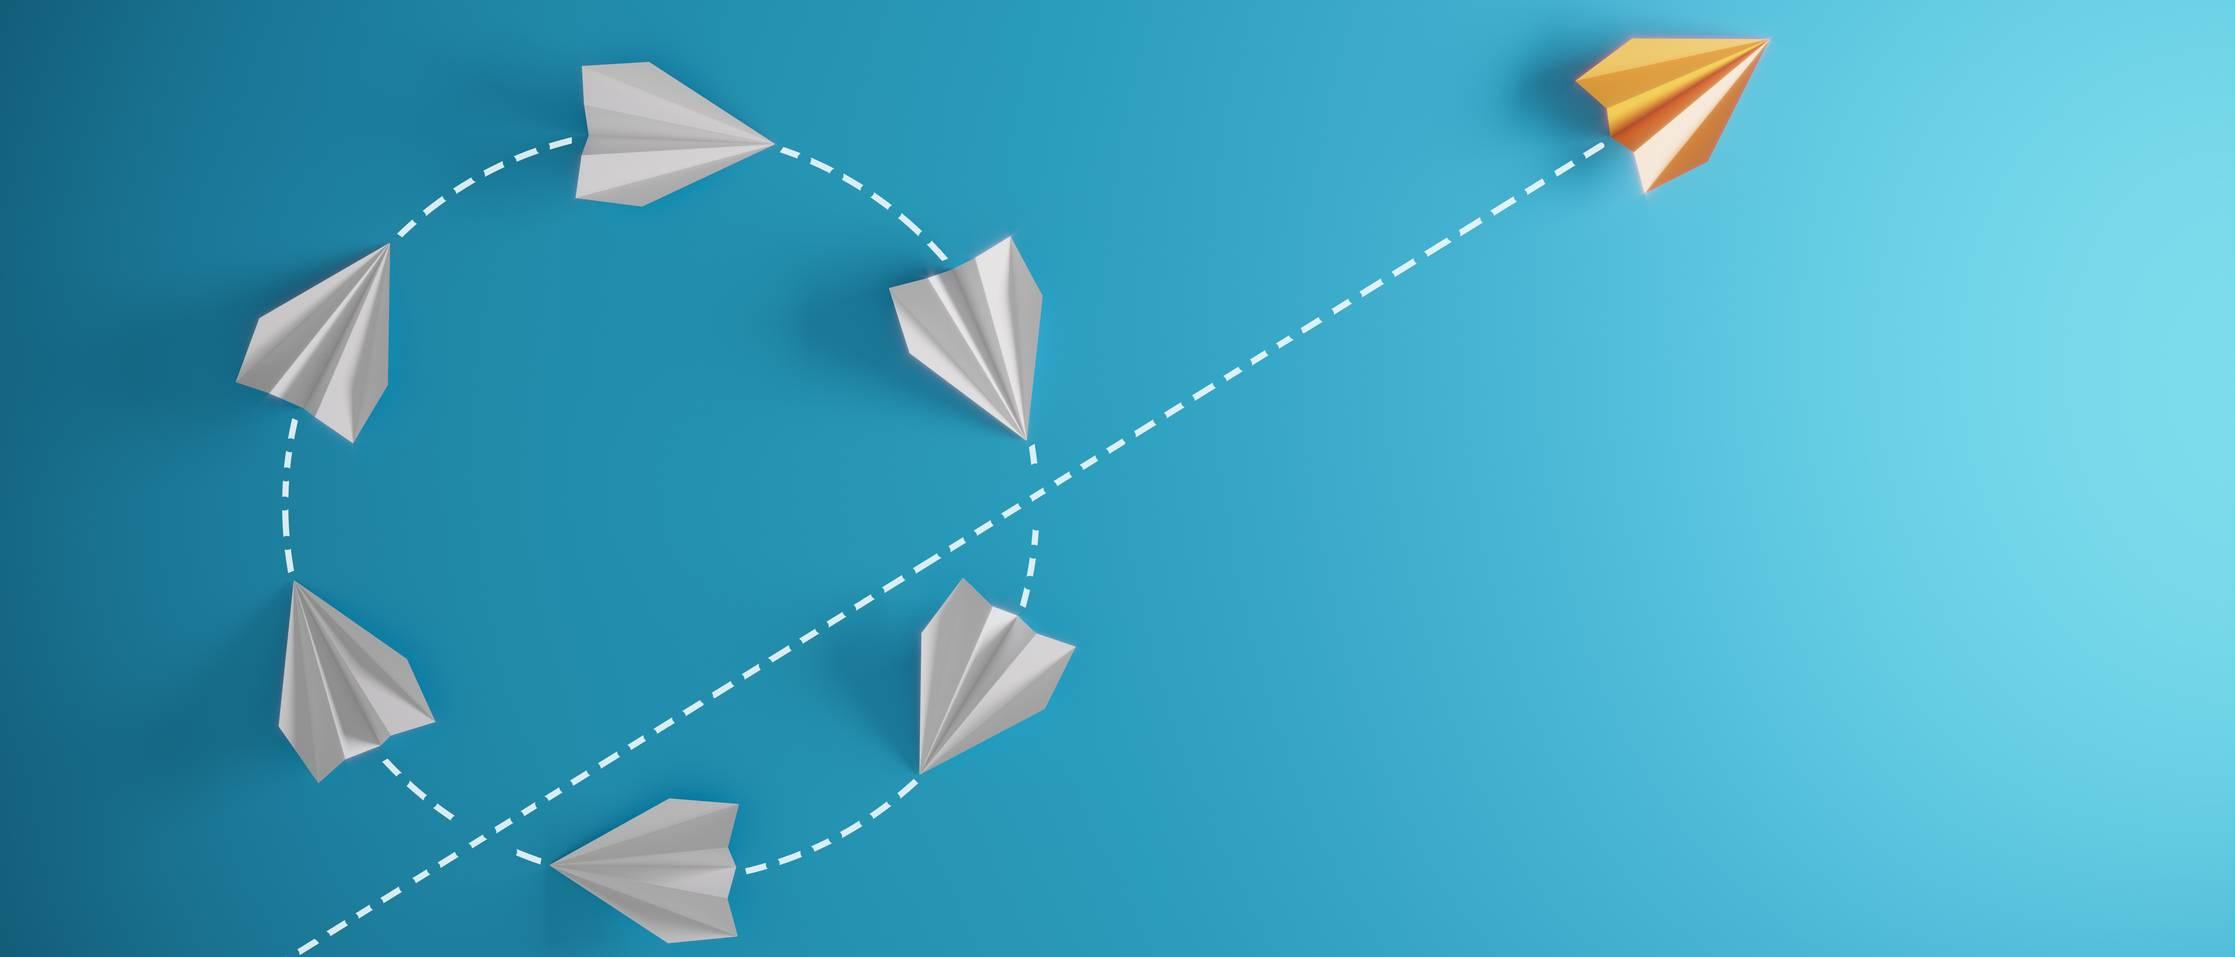 Des avions en papier blanc et un avion en orange